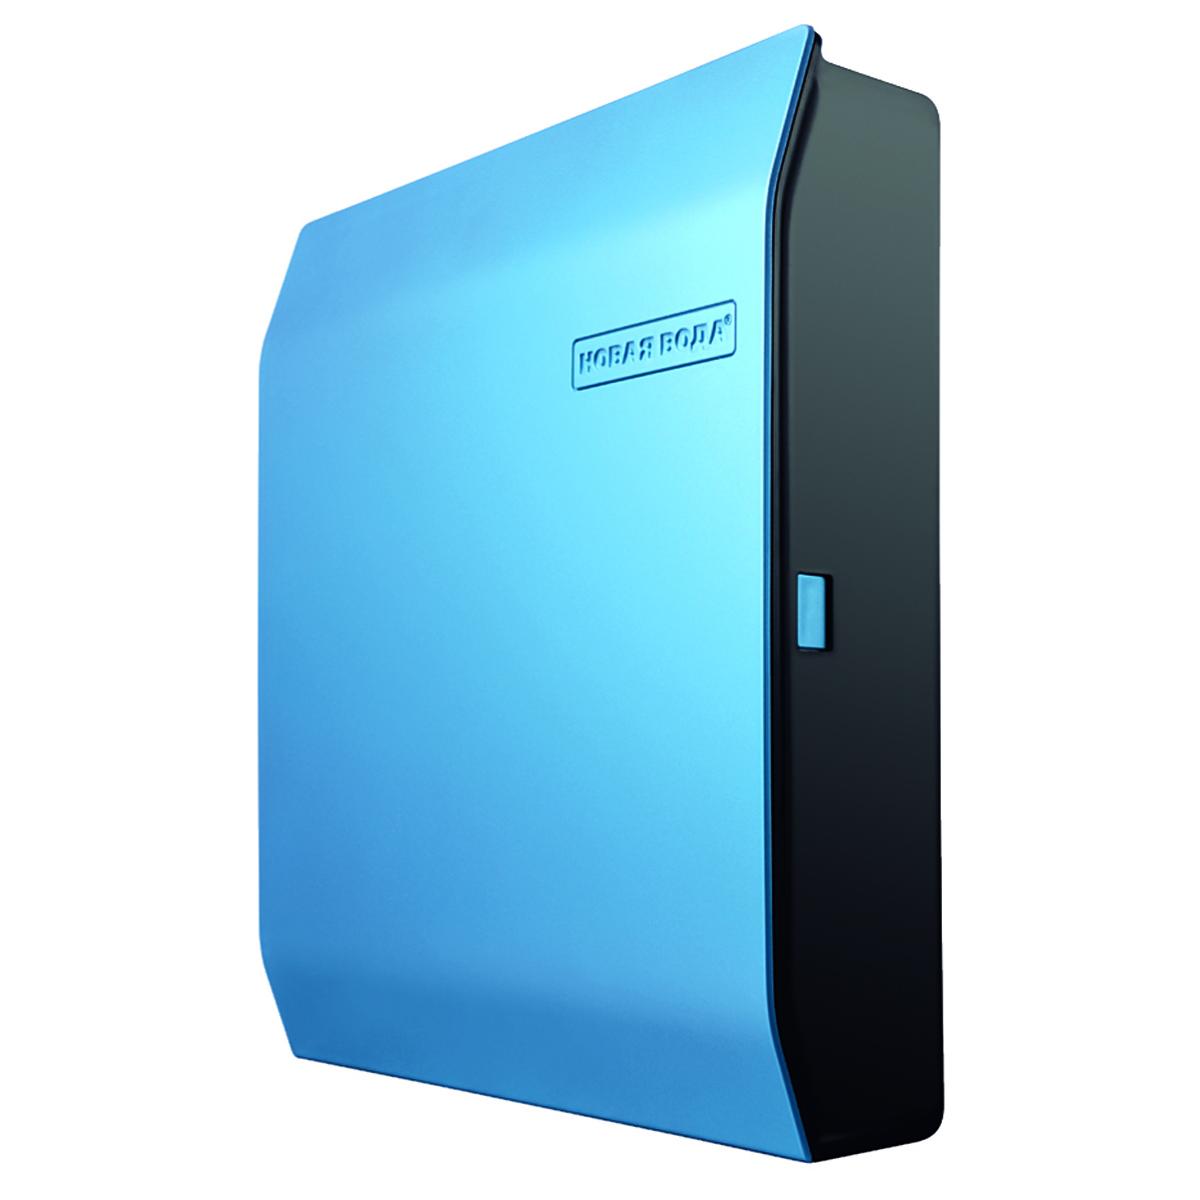 Фильтр для воды Prio Expert. M305, суперкомпактный 5-ого поколенияР213Р00Тип фильтра: Система под мойку. Фильтры под мойку нового поколения Expert — настоящий прорыв в области очистки воды благодаря совершенному дизайну, быстросъемным картриджам и инновационным технологиям очистки воды.Многоступенчатые системы Expert занимают на 50% меньше места, чем традиционные системы, они имеют тонкий корпус — всего 8,5 см — и обладают ультрасовременным дизайном.Это позволяет:- разместить фильтр под мойкой, не занимая при этом много места- быть уверенным в том, что фильтр не будет поврежден при размещении под мойкой посуды и хоз.принадлежностей (например, мусорного ведра)- разместить фильтр на открытом пространстве над, либо рядом с мойкой, восхищая гостей превосходным дизайном системы и облегчая доступ к ней при смене картриджей- устанавливать фильтр горизонтально (например, закрепляя к верхней части шкафа под мойкой), делая его практически незаметнымПрименение: очистка от механических примесей (ржавчины, ила, песка и т.п.), растворенных примесей, таких как свободного хлора, хлорорганических соединений, пестицидов, гербицидов, сельскохозяйственных удобрений и продуктов их распада, фенолов, нефтепродуктов, алюминия, тяжелых металлов, радиоактивных элементов, солей жесткости и иных органических и неорганических веществ.Использование: Для регионов с водой, характеризующейся нормальным и повышенным содержанием солей жесткости.Эксклюзивная разработка Prio, не имеющая аналогов - использование уникальных картриджей:-отсутствиеголовы, в которой в процессе многолетней эксплуатации могут скапливаться загрязнение - гарантирует Вам кристально чистую воду даже через 10 лет эксплуатации- только у фильтров Expert картриджи имеют вход и выход на противоположных концах картриджа - вкупе с фирменной технологией Invortex (движение воды внутри фильтра по спирали) это не только повышает качество очистки, но и увеличивает ресурс картриджа до 2х раз по сравнению с традиционными системами- используемы